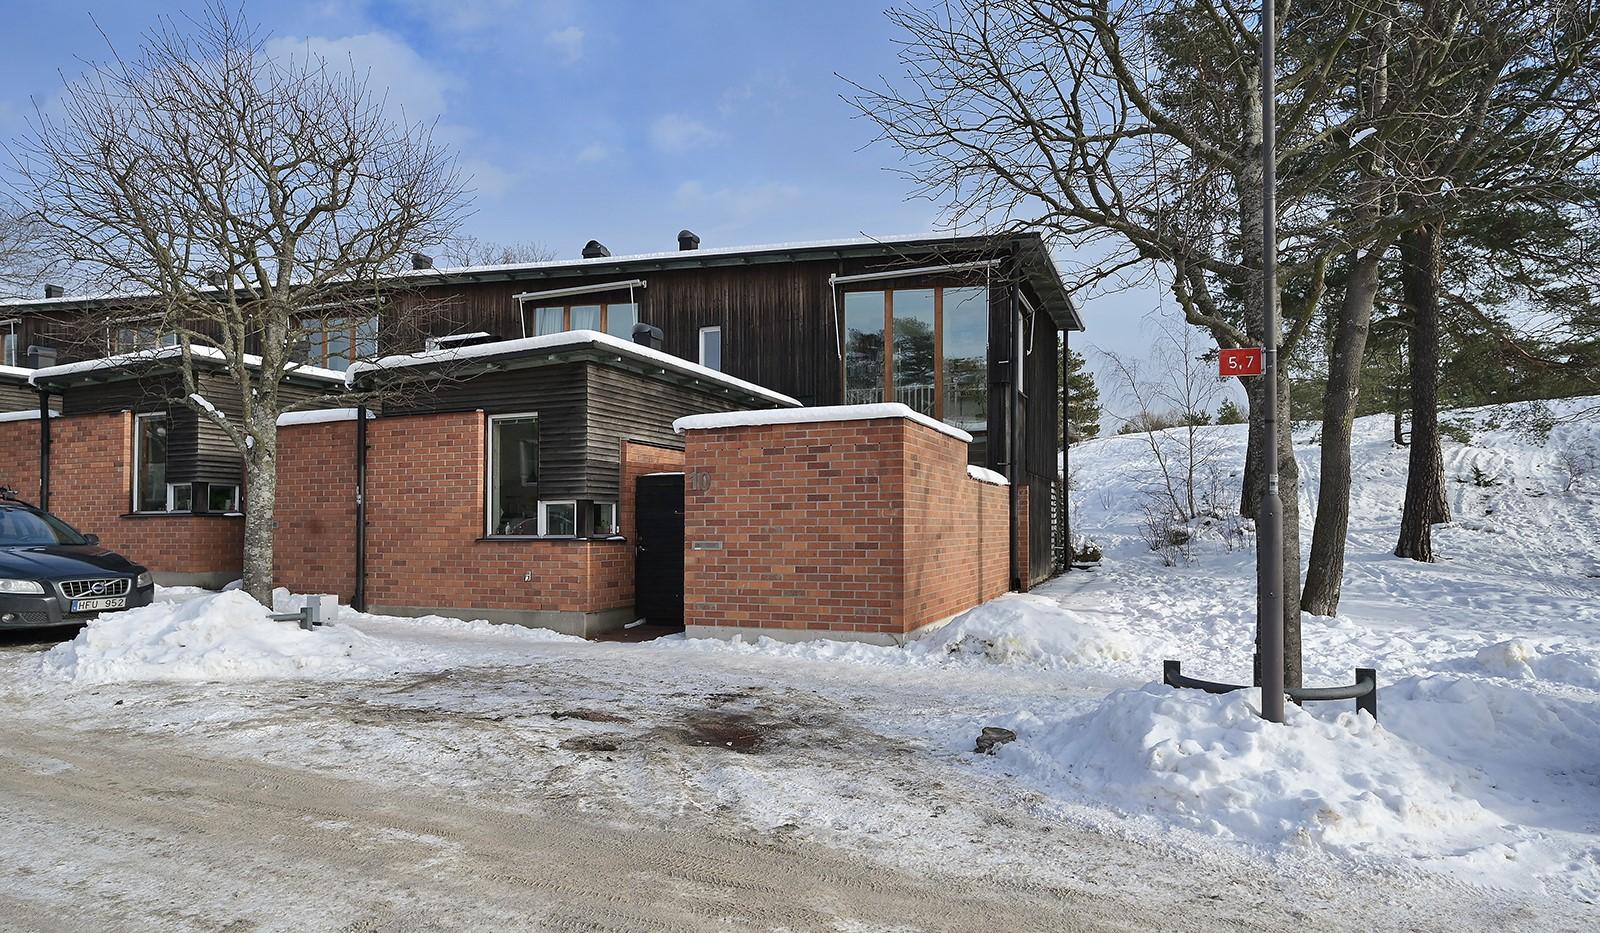 Idaborgsvägen 10 - Fantastiskt atriumradhus på trivsamma Nybodahöjden